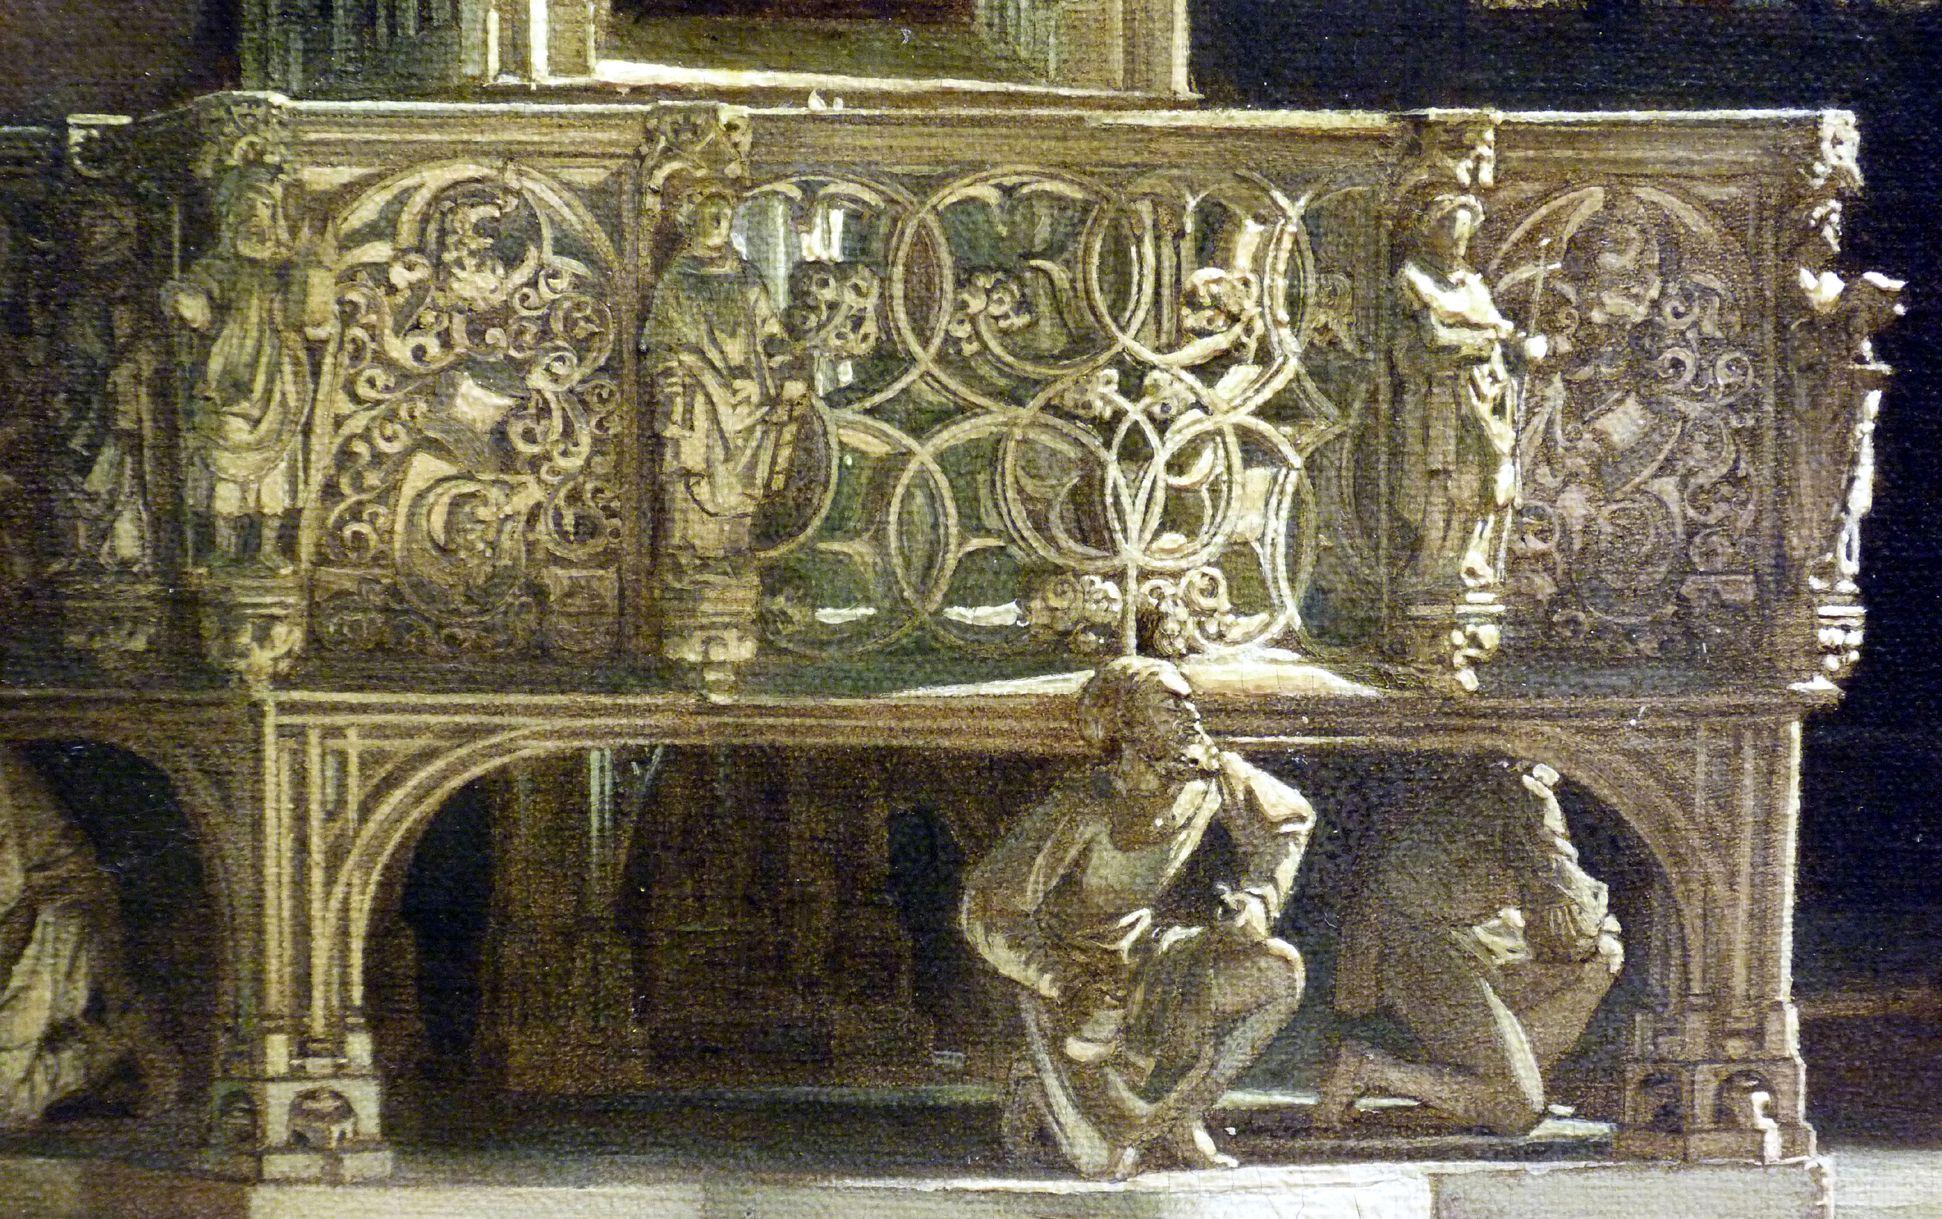 Sakramentshäuschen in der Nürnberger Lorenzkirche mit Brautzug aus dem frühen 17. Jahrhundert Sakramenthaus, Umgangsbühne